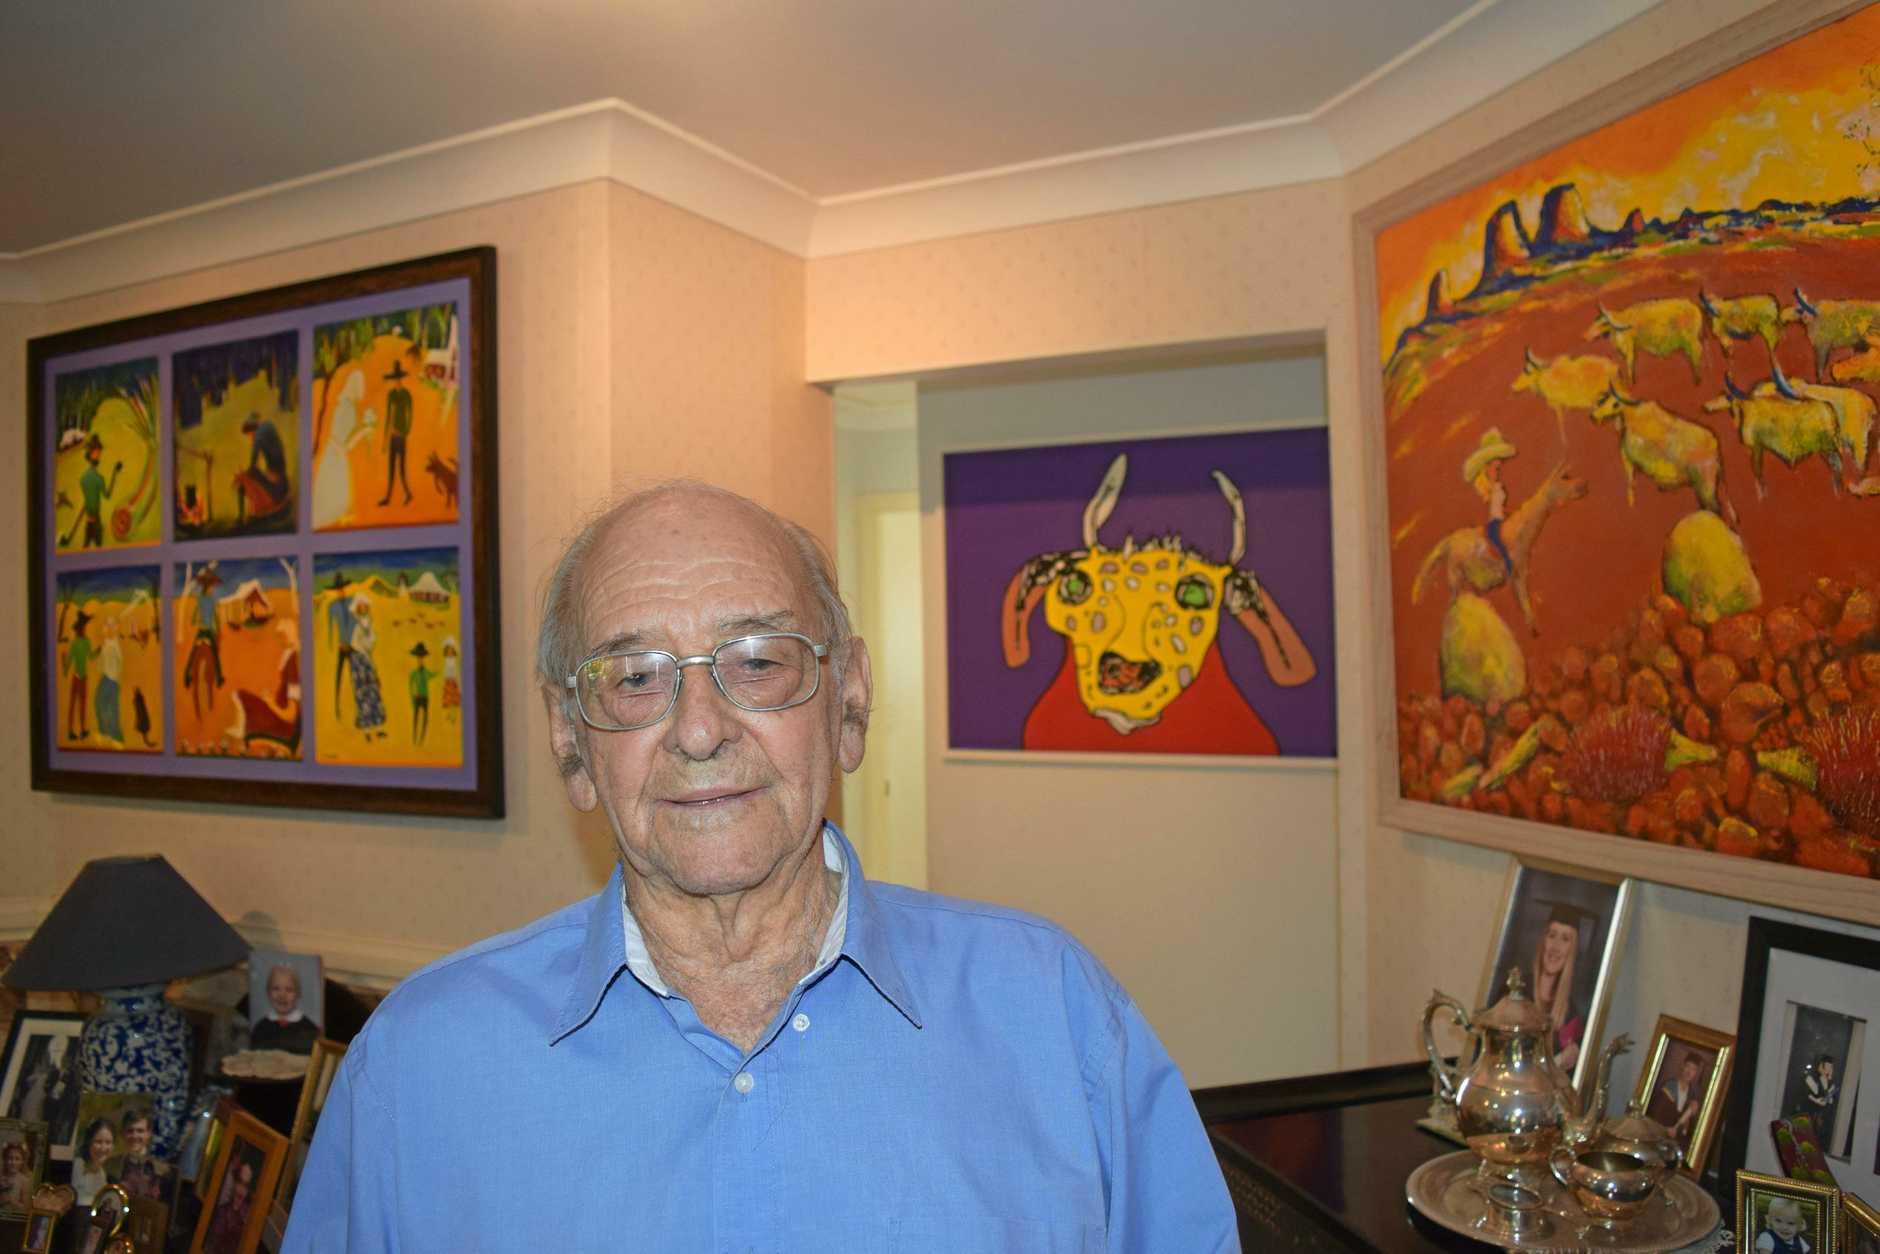 George Kirk displays his work throughout his home in Maryborough.